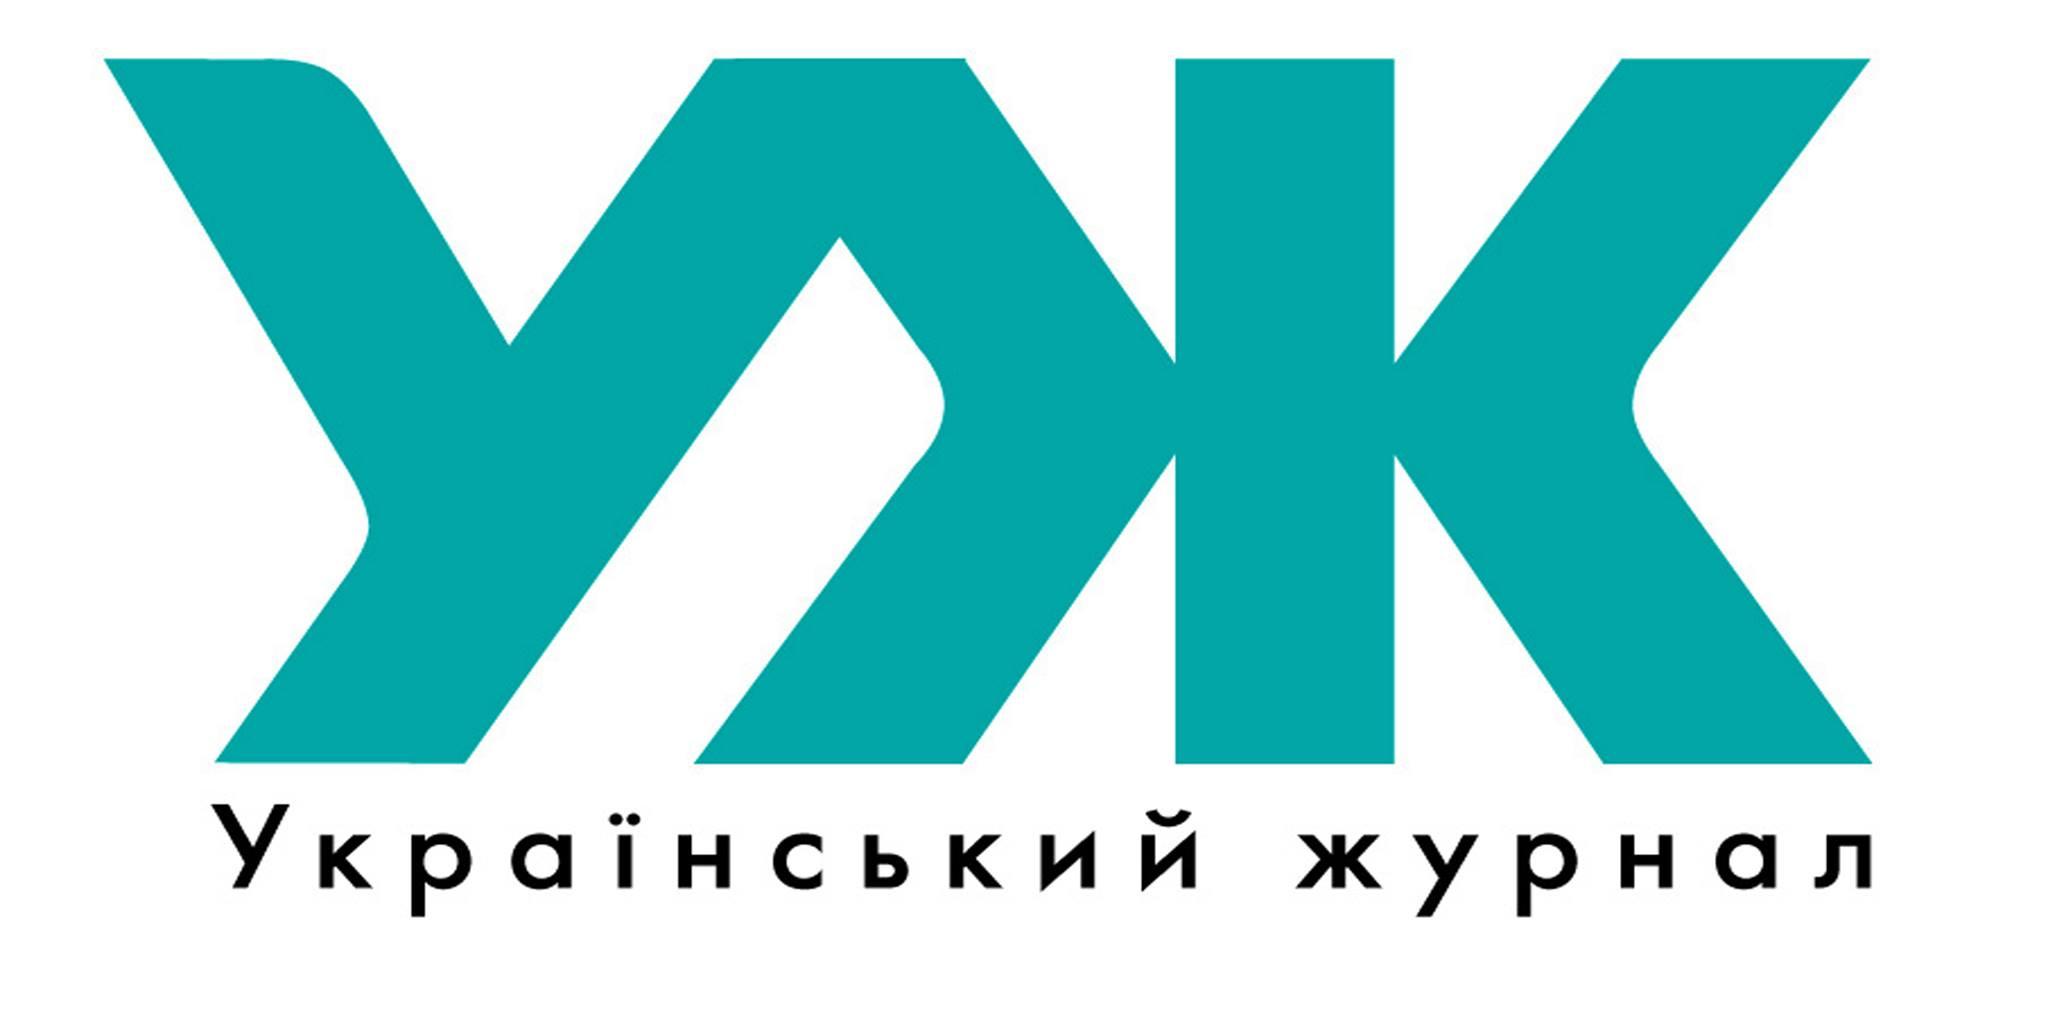 Ukrajinský žurnál